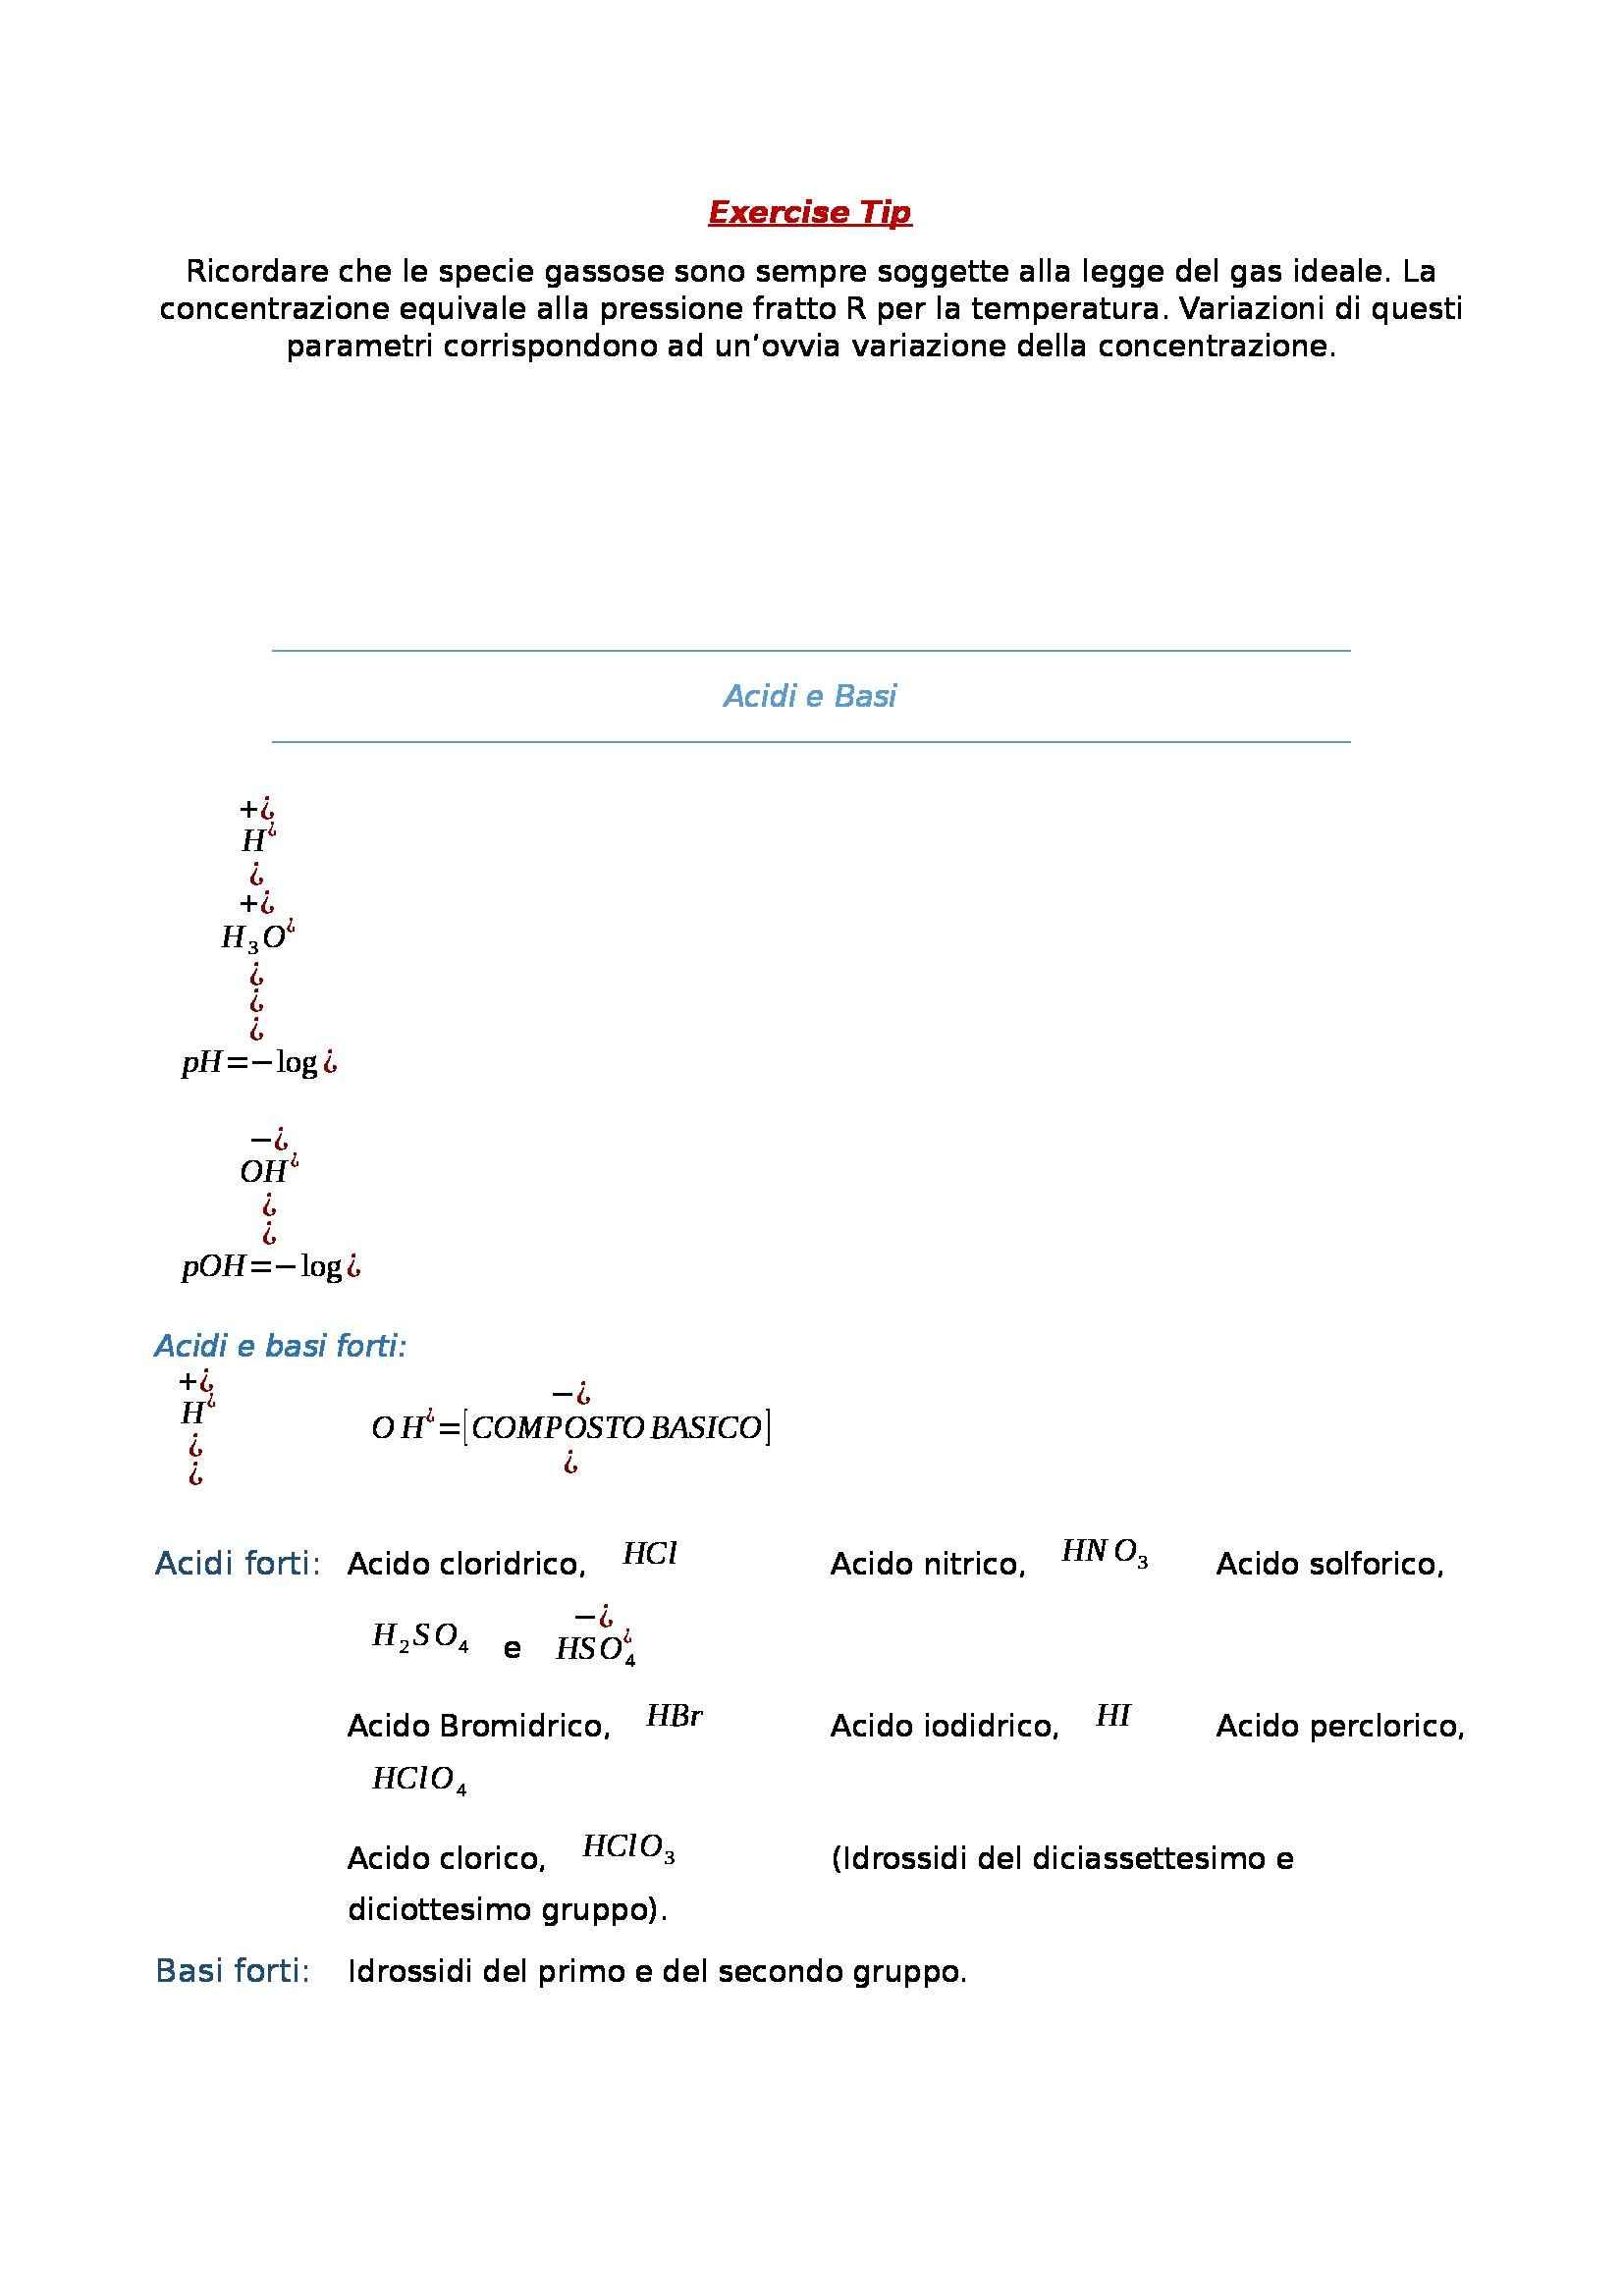 Chimica generale e inorganica - formulario Pag. 2